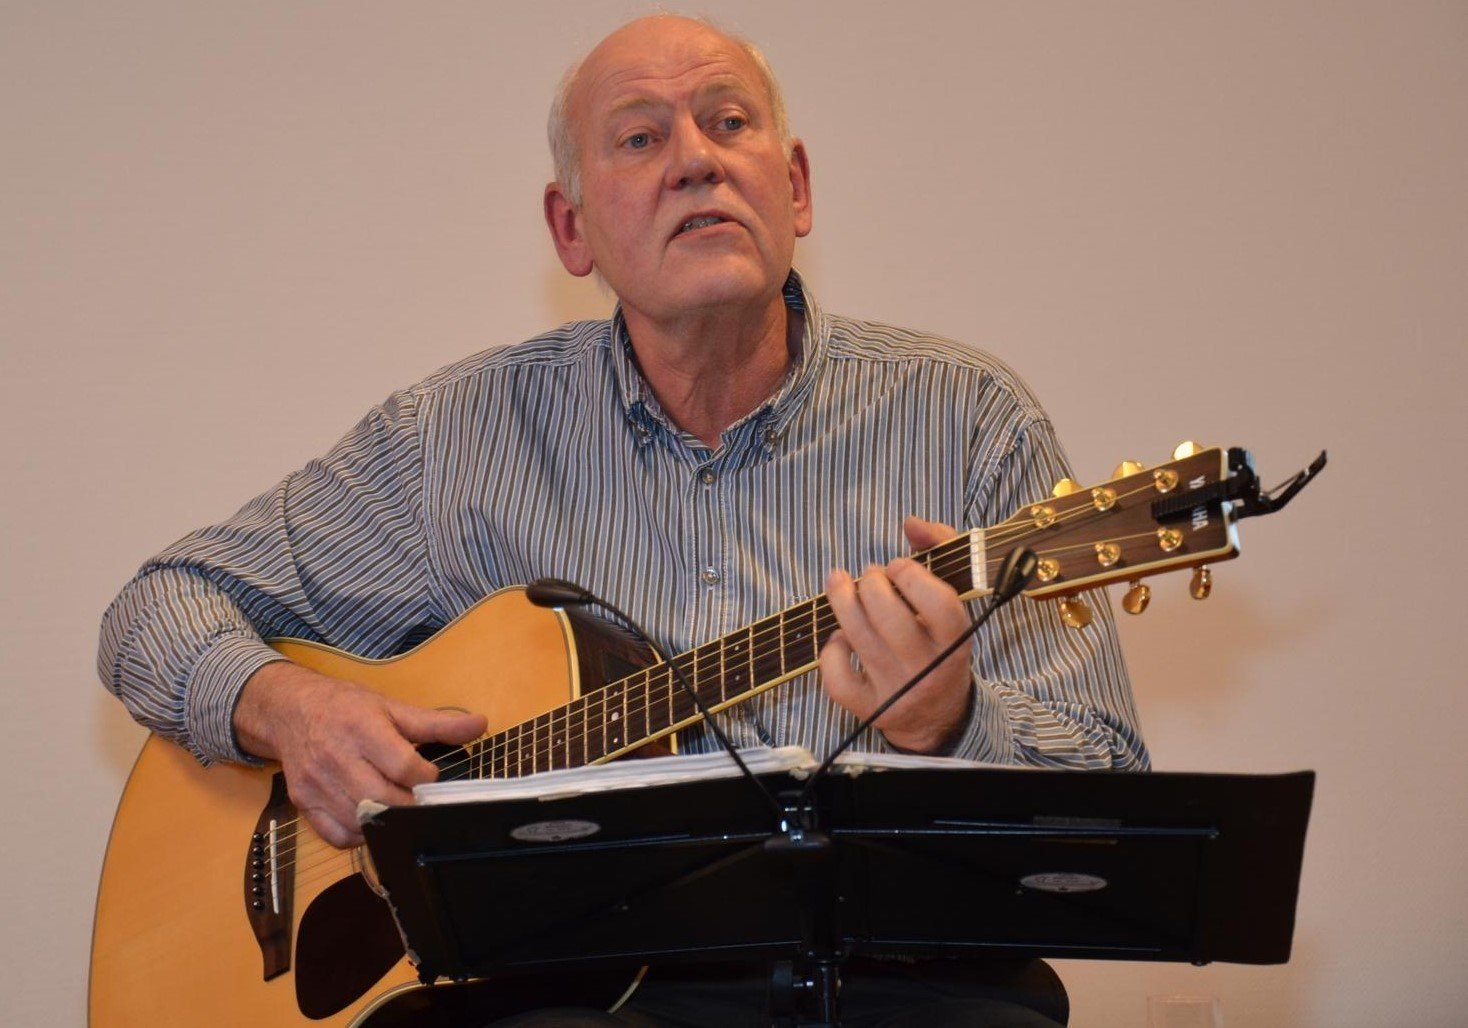 Meistens platt Lieder und Geschichten von Klaus Groth und anderen regionalen Autoren